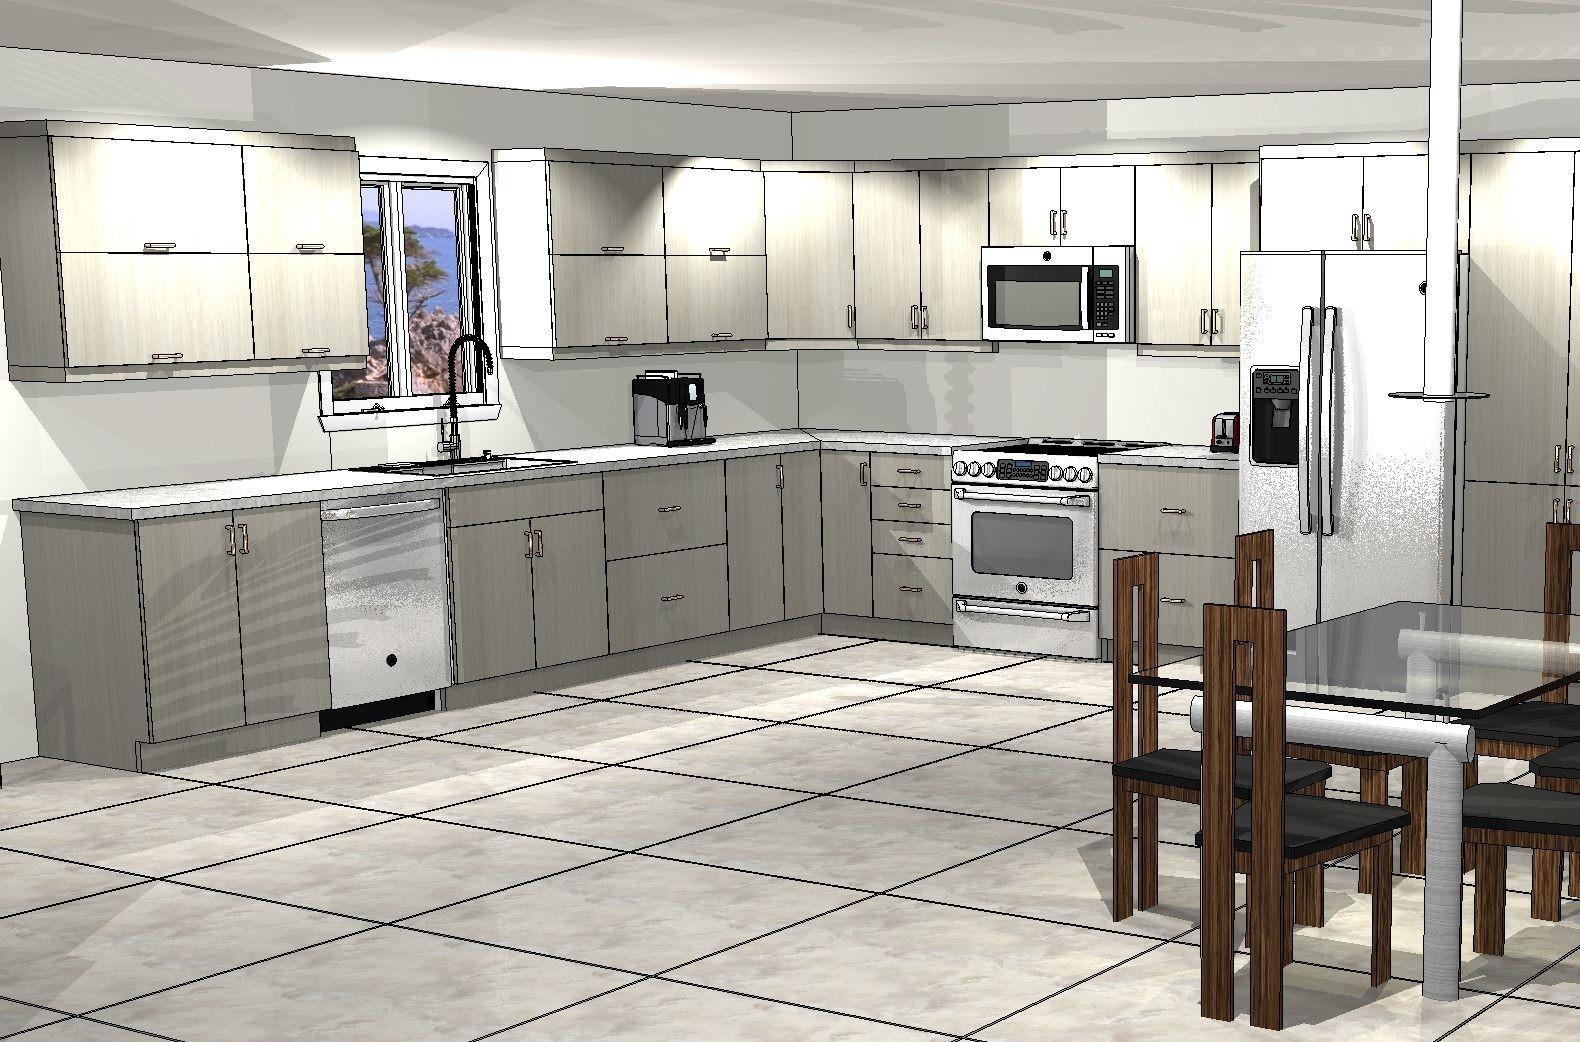 Casa reno direct melamine cuisine panneau de remplissage 3 - Panneau cuisine ...